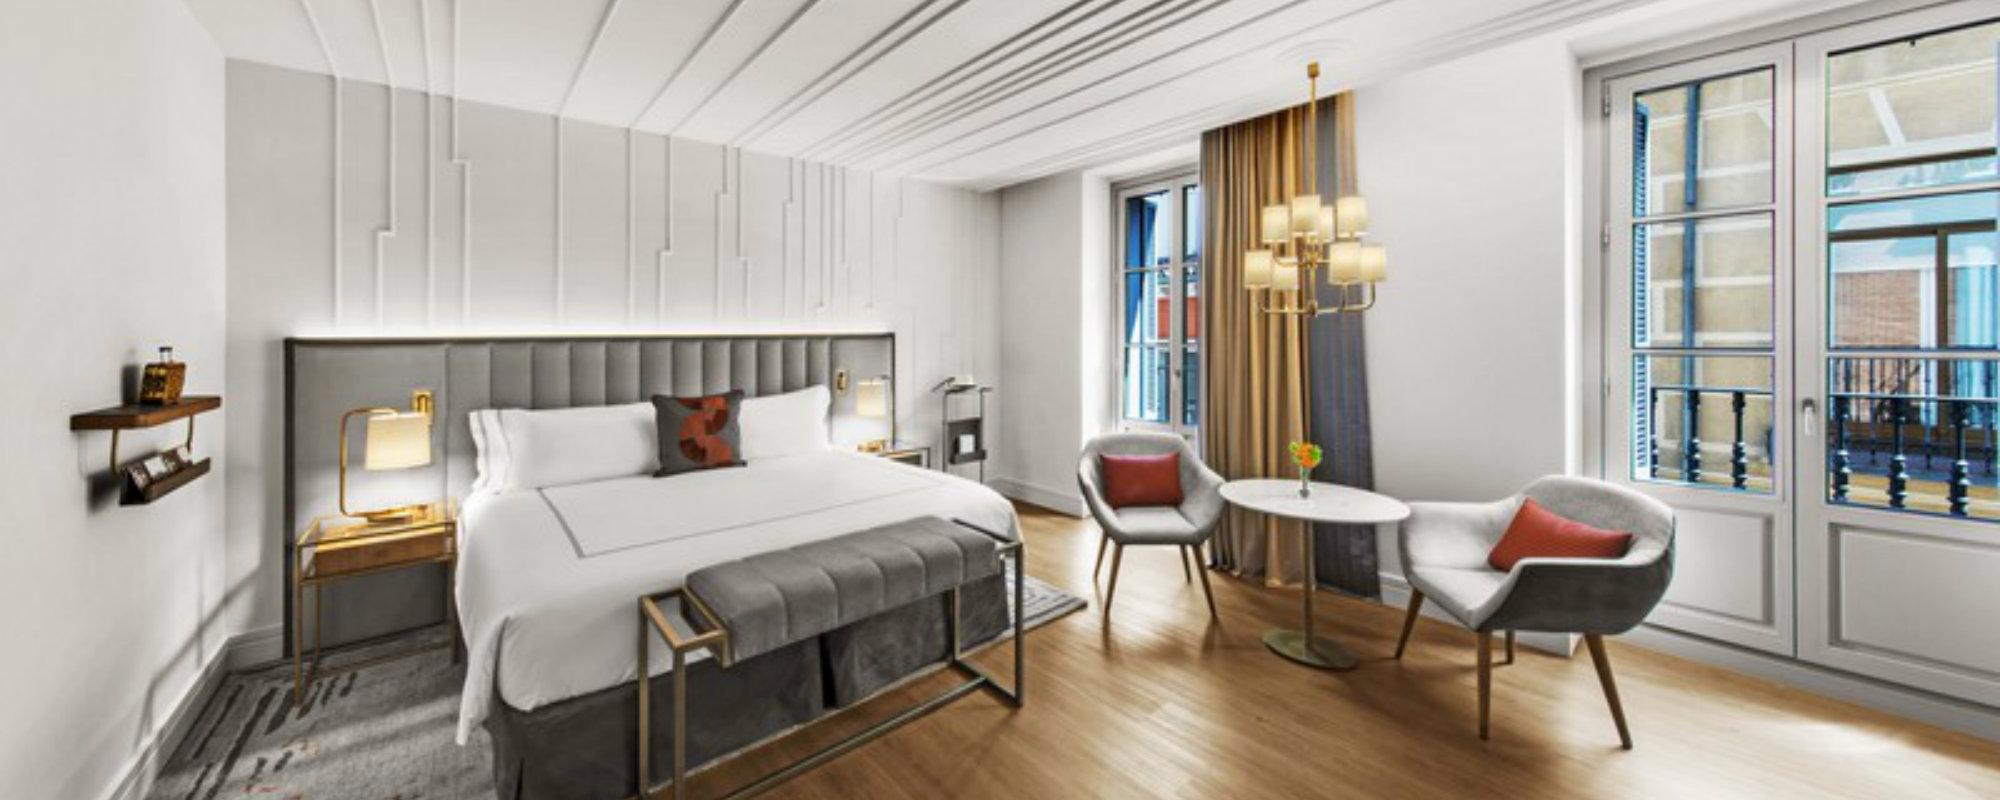 Hotel de Lujo: El Glamour en Madrid de un Hotel de los anõs 80 hotel de lujo Hotel de Lujo: El Glamour en Madrid de un Hotel de los anõs 80 Featured